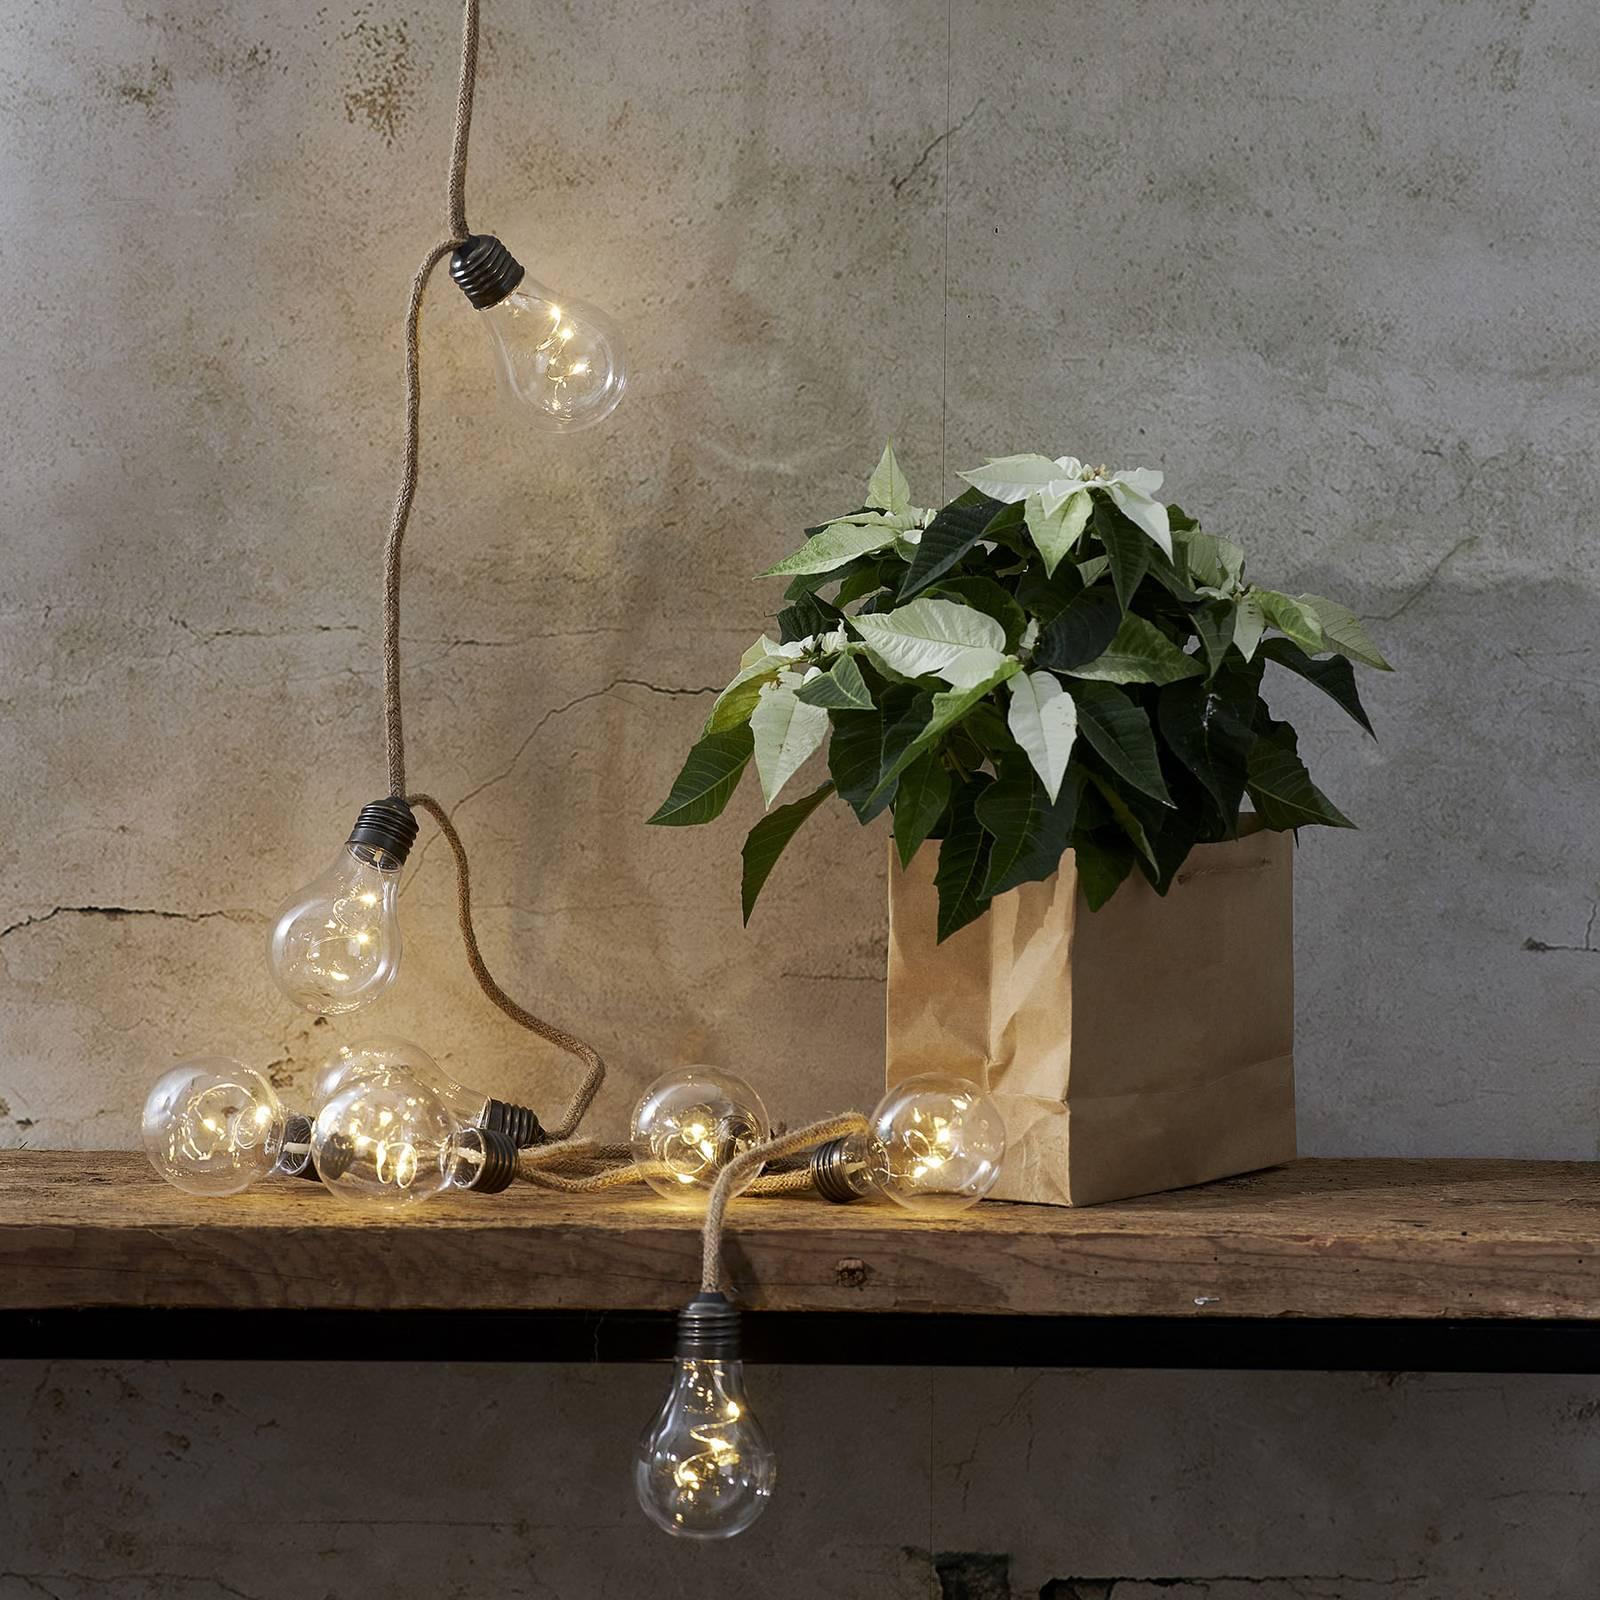 Jutta-valoketju, 10 lamppuinen